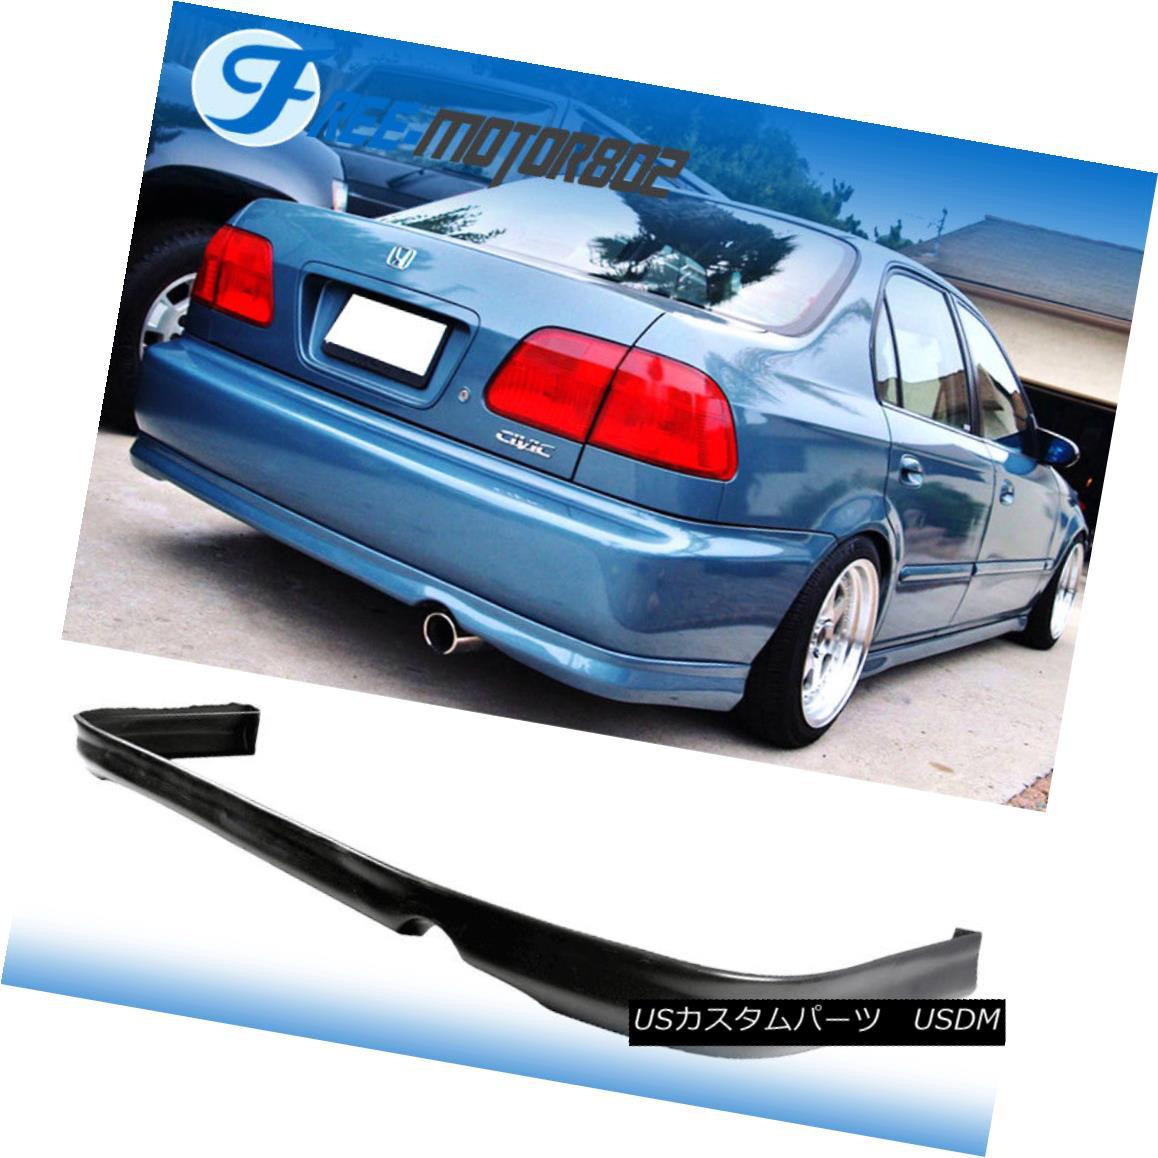 エアロパーツ For 96 97 98 Honda Civic 2DR 4DR Urethane Rear Bumper Lip Spoiler Bodykit PU 96 97 98ホンダシビック2DR 4DRウレタンリヤバンパーリップスポイラーボディキットPU